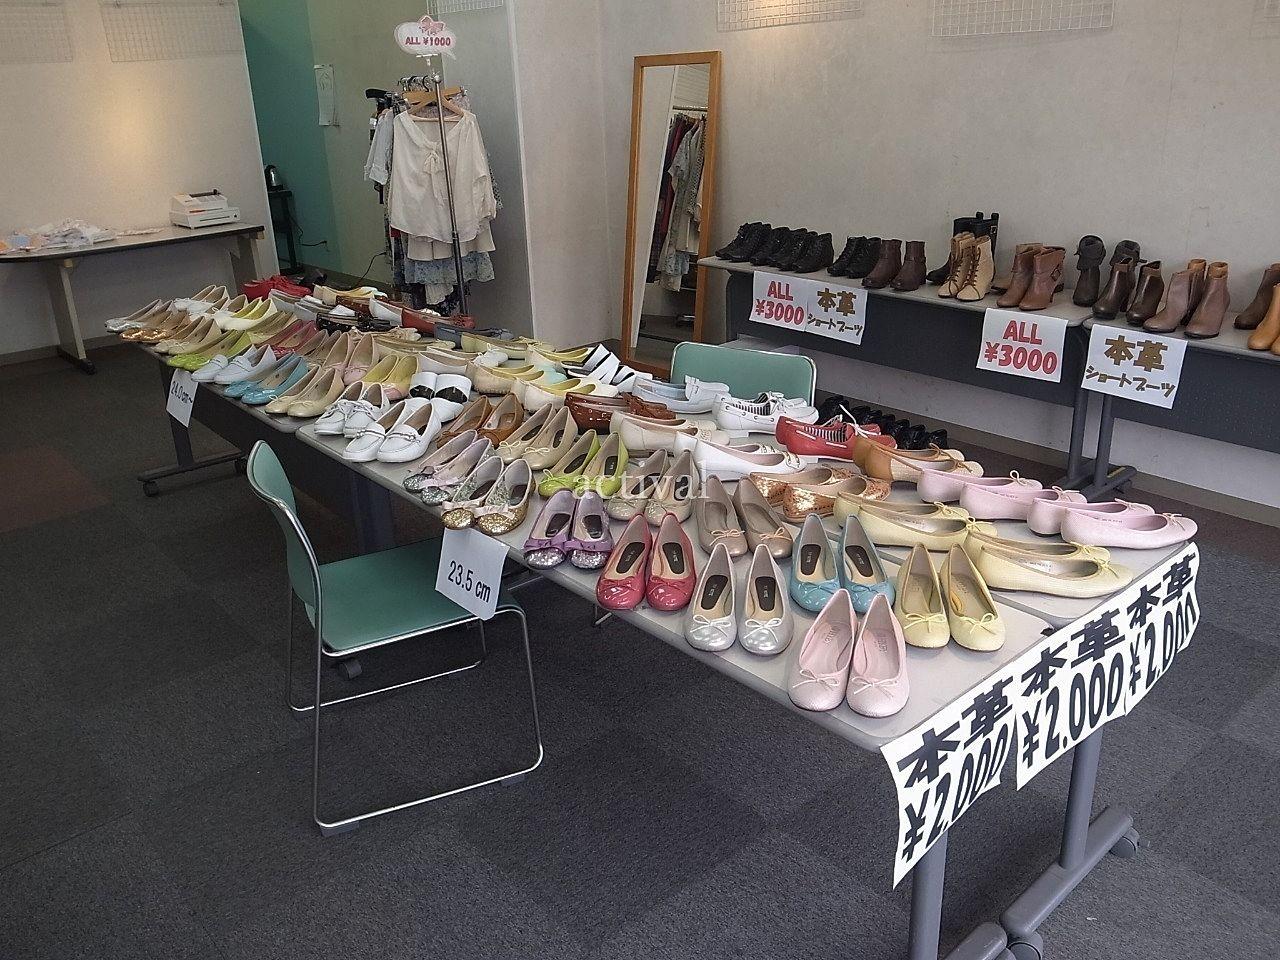 ア・ス・ヴェルデ「週貸店舗」での婦人靴販売です。